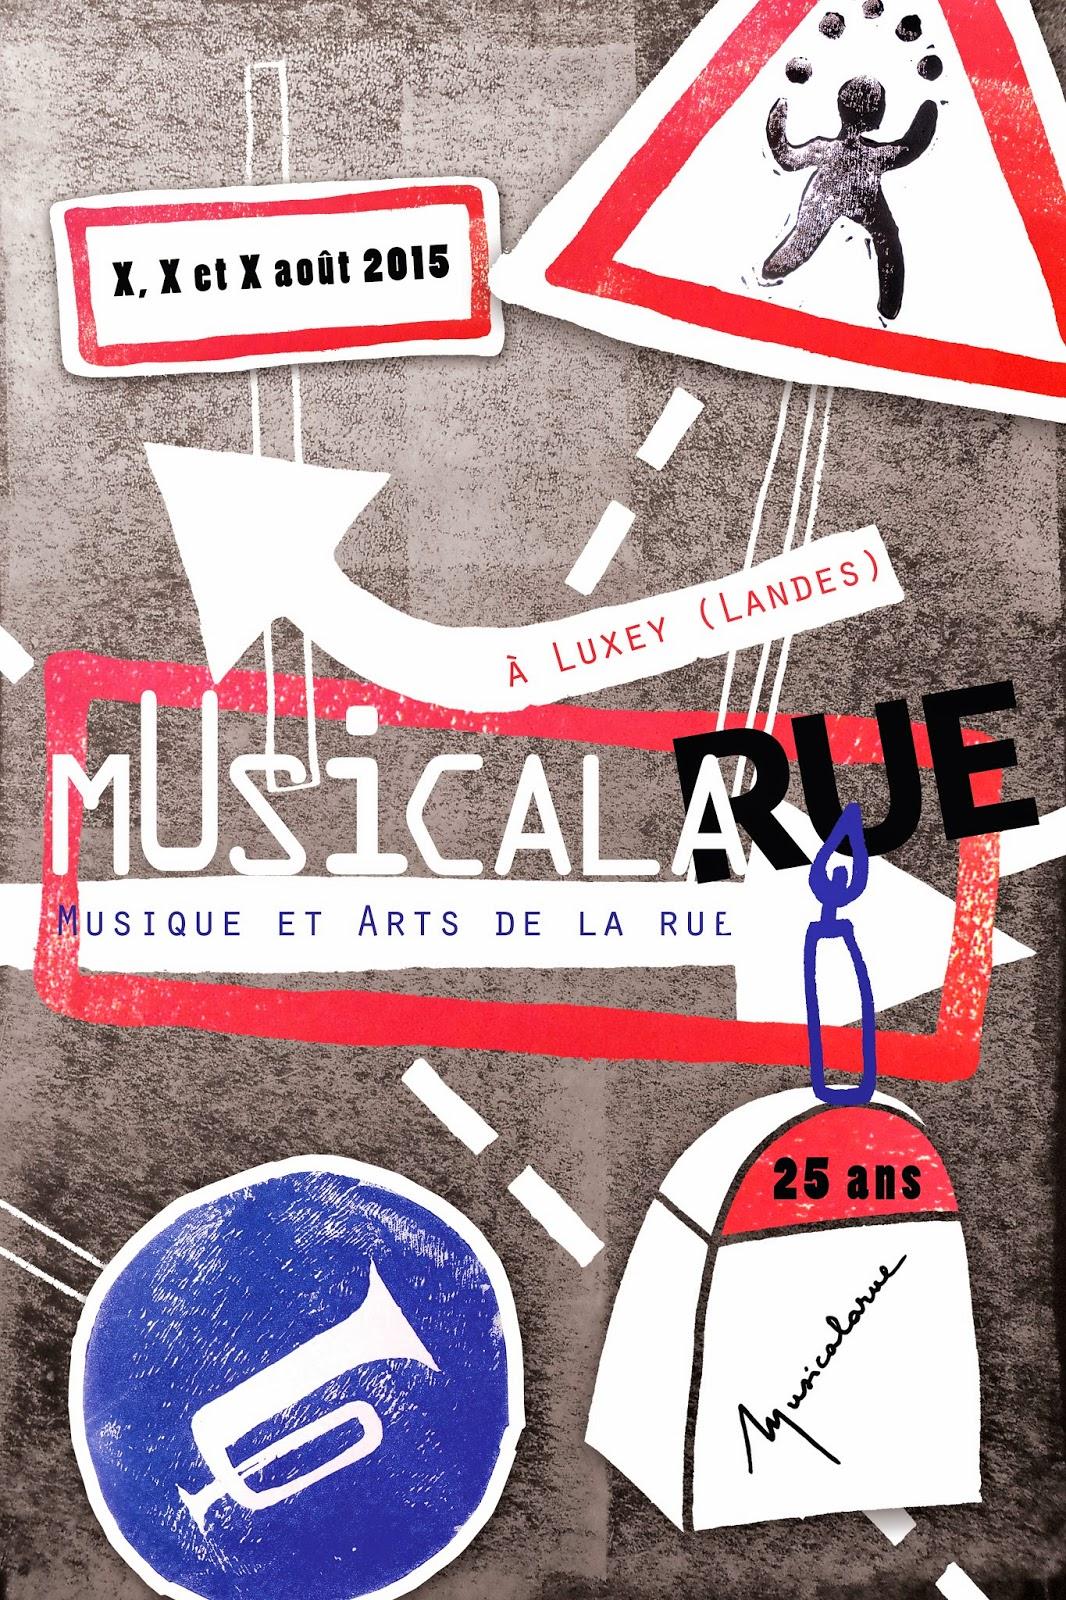 affiche musicalarue linogravure